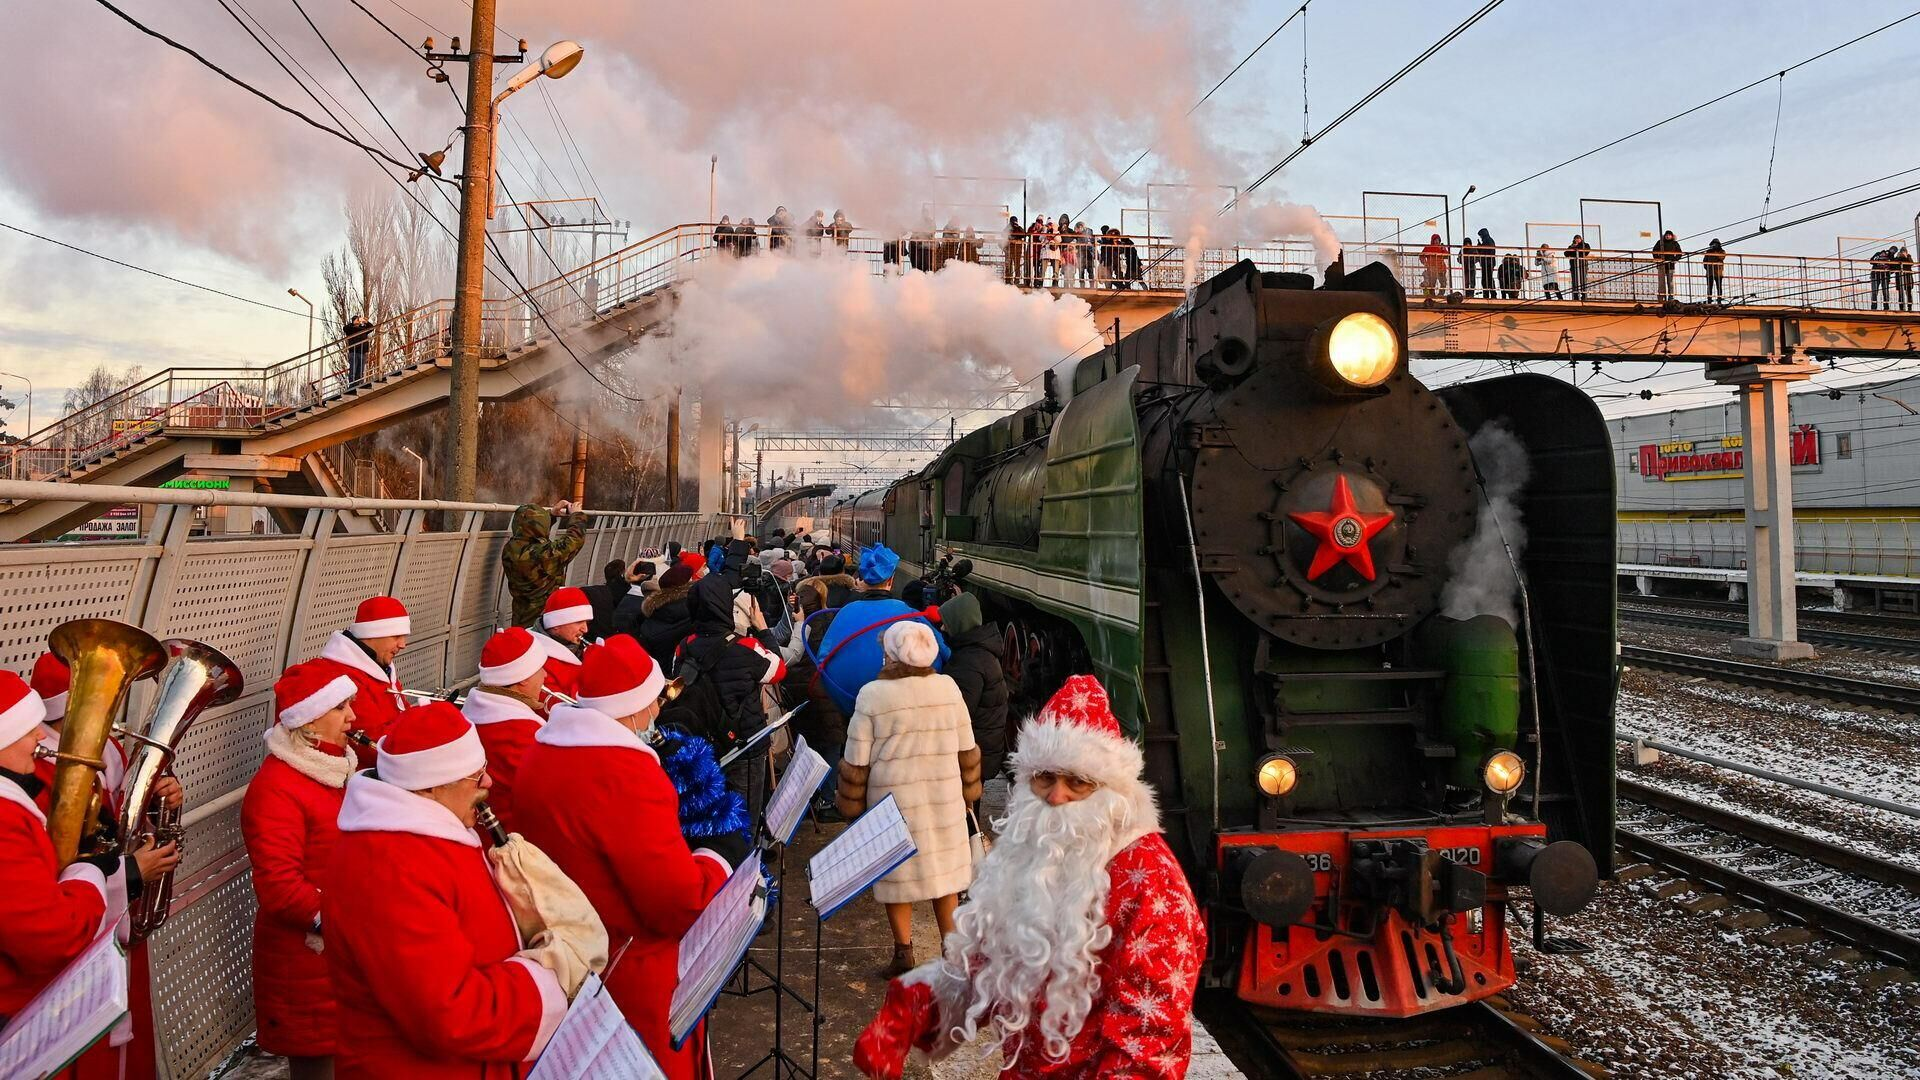 Ретропоезд с туристами из Москвы на станции в Калуге - РИА Новости, 1920, 12.12.2020